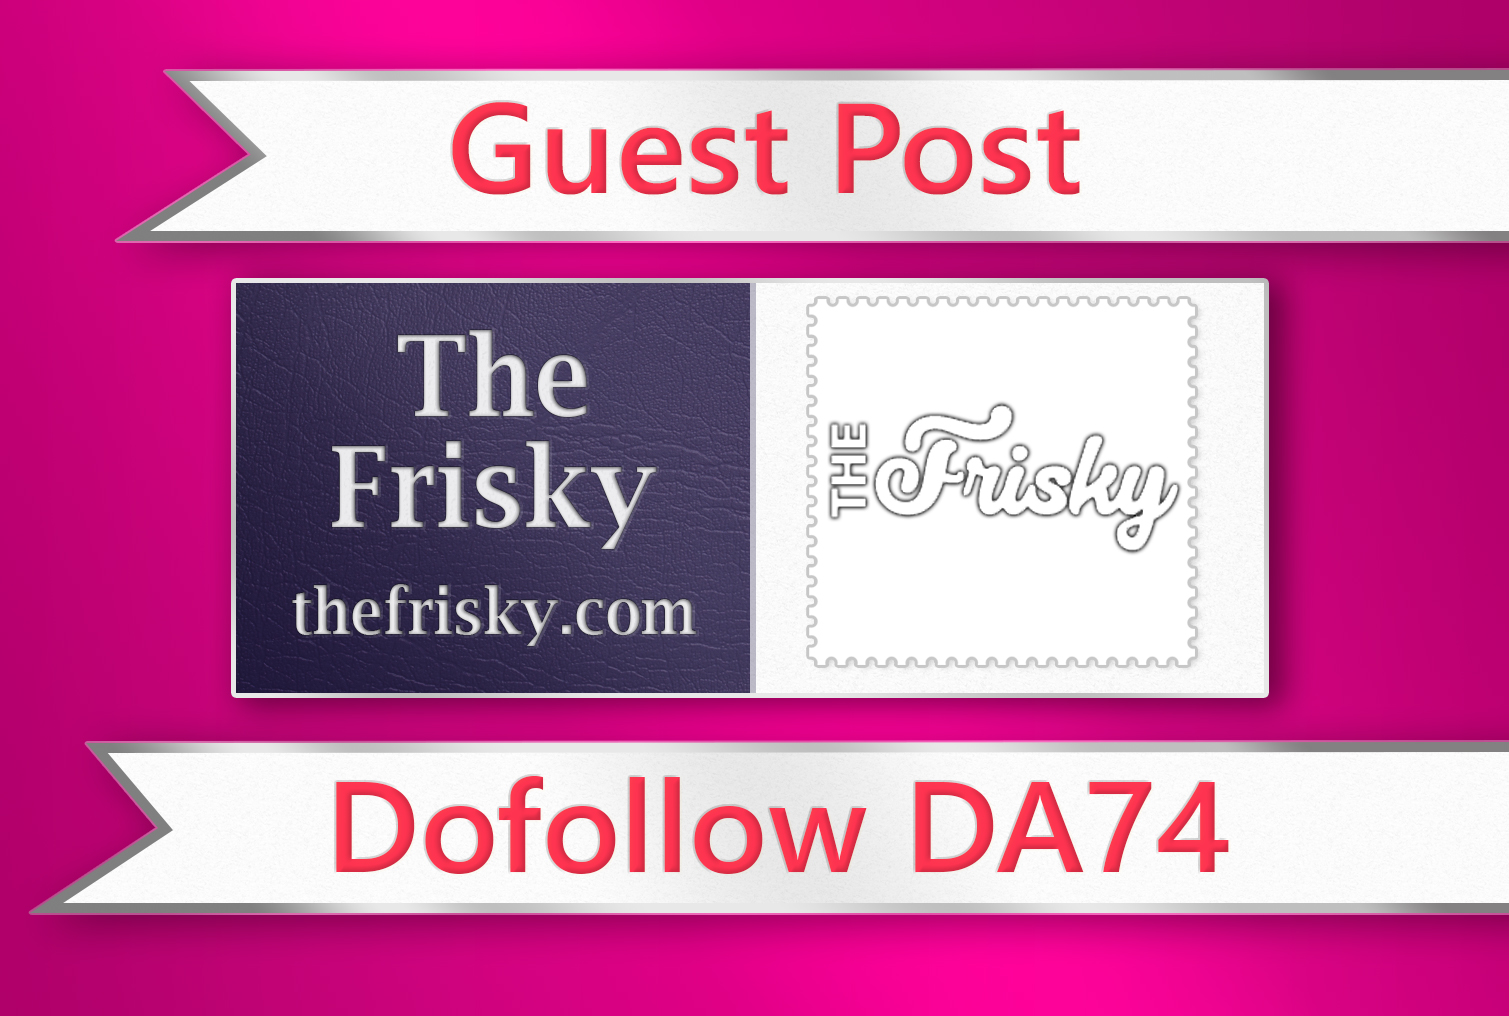 Guest post on The Frisky - thefrisky. com - DA74